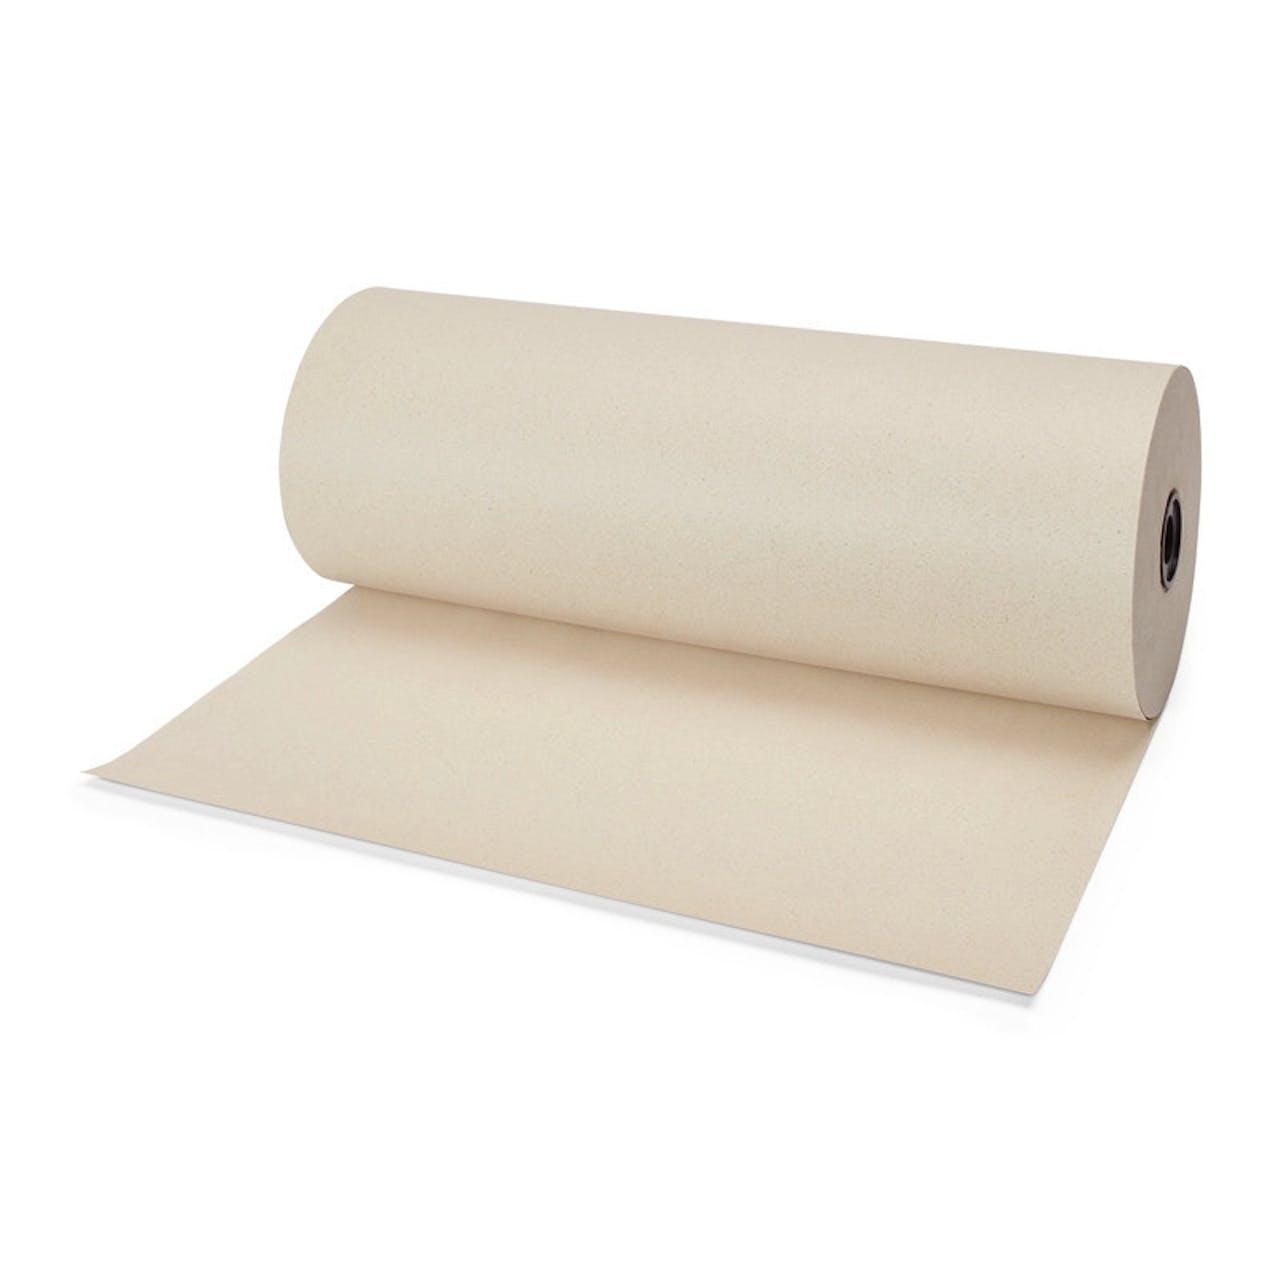 Papier d'emballage à base d'herbe terra, en rouleau